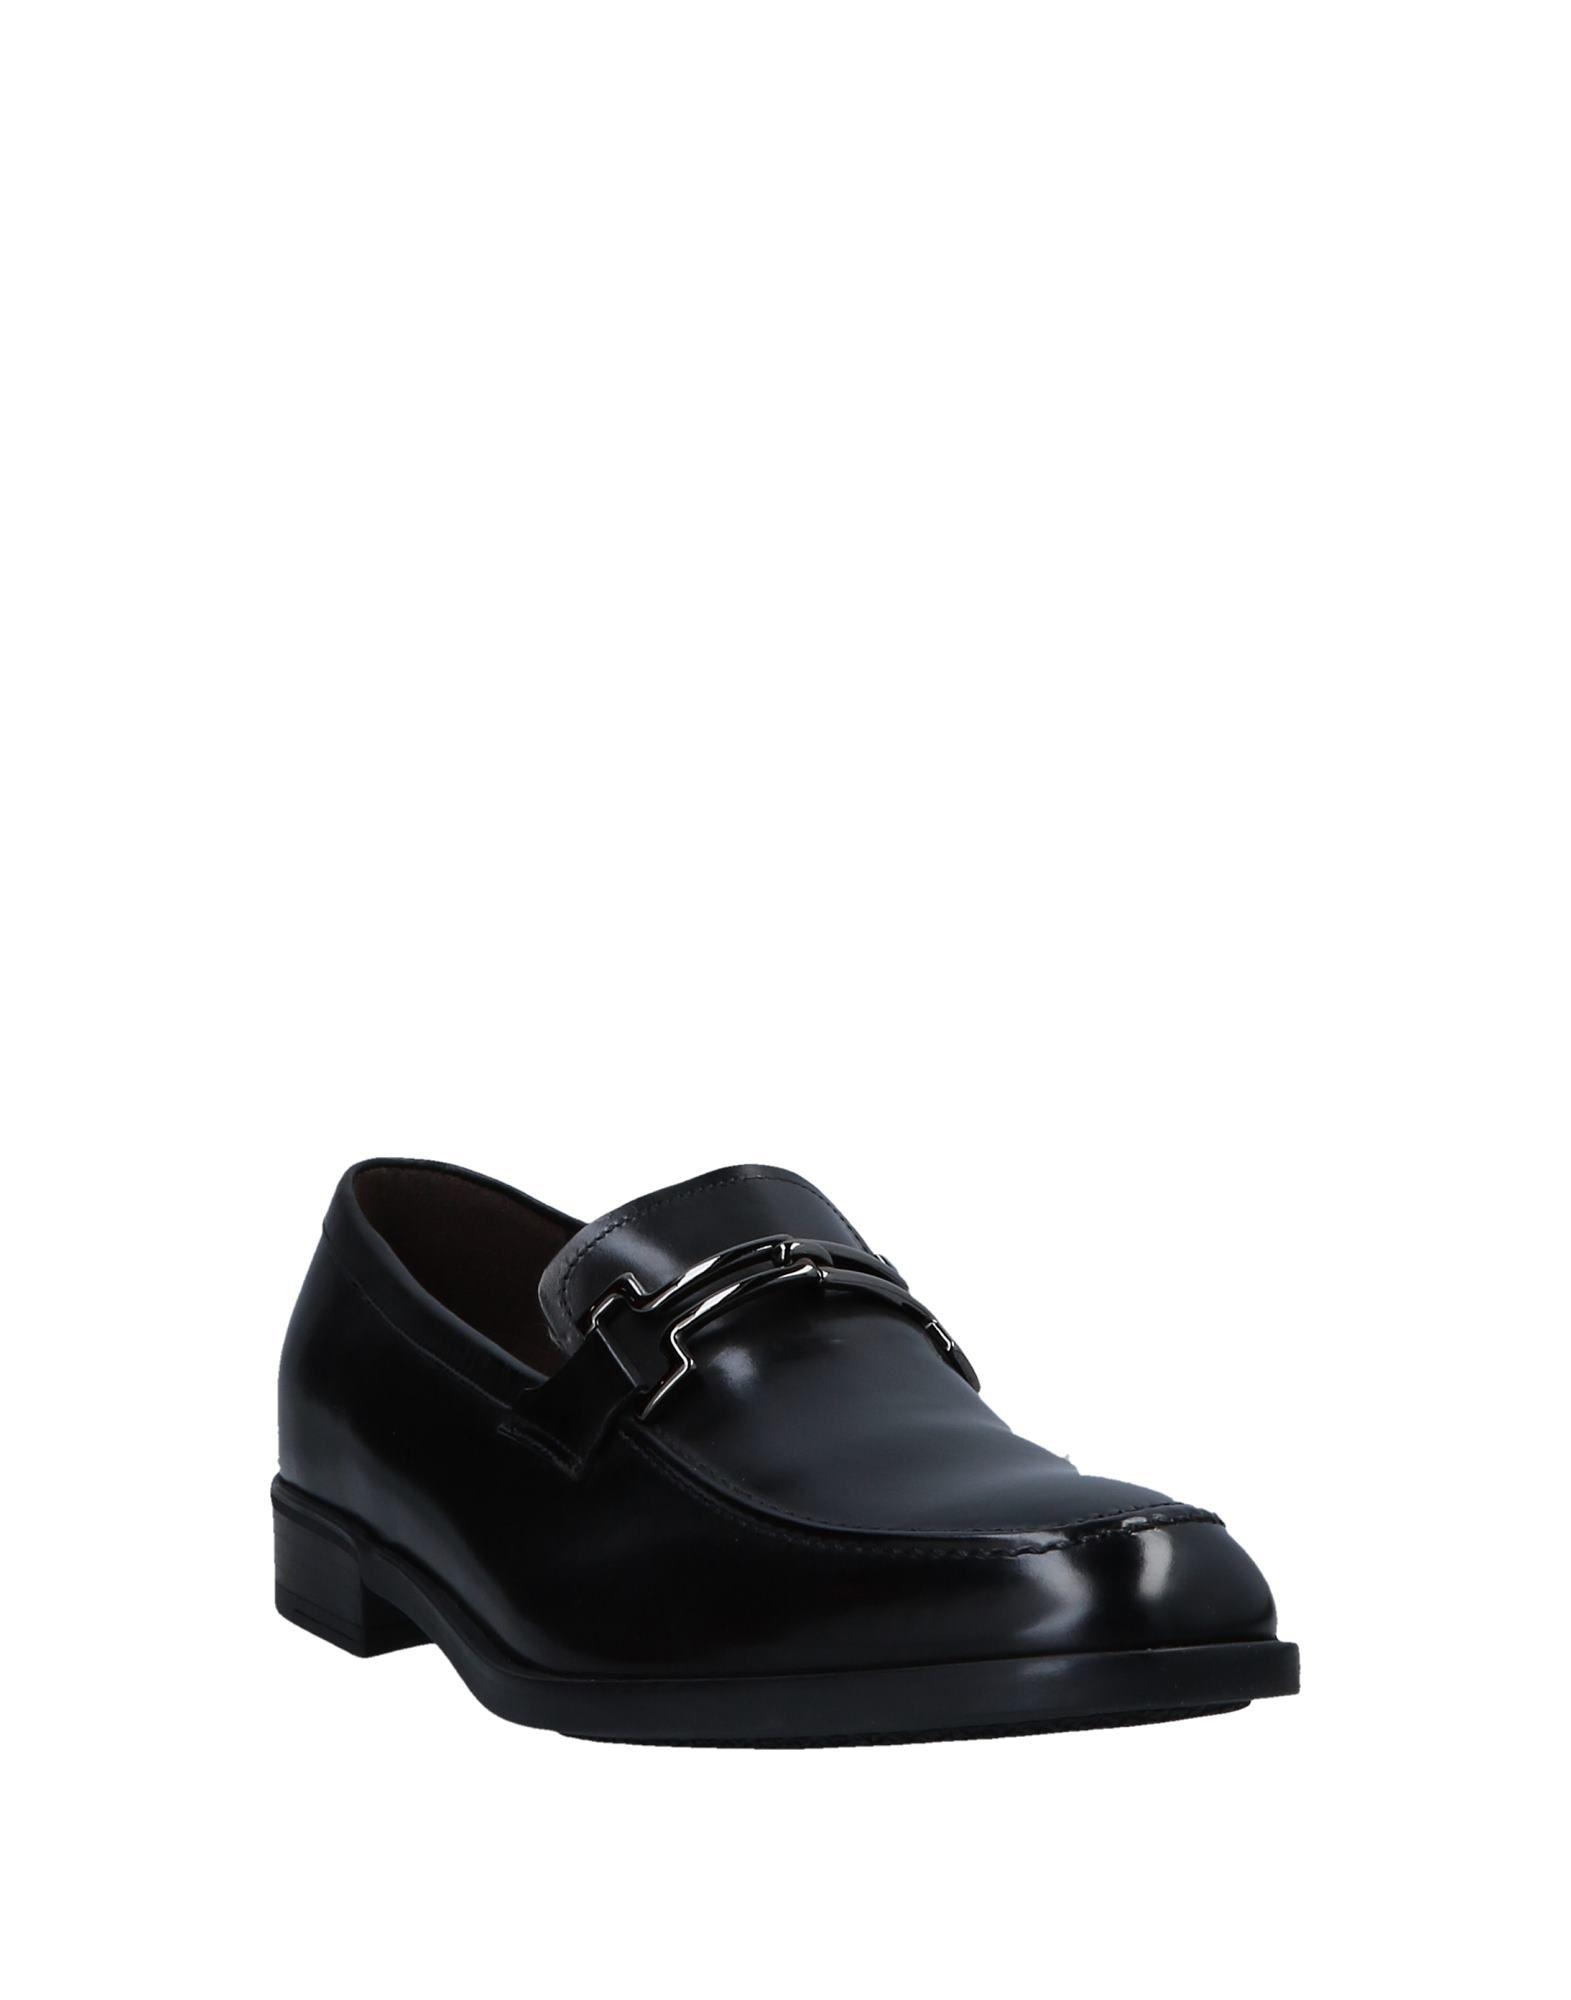 Fratelli Rossetti Mokassins Herren  Schuhe 11556593XQ Gute Qualität beliebte Schuhe  33e32a